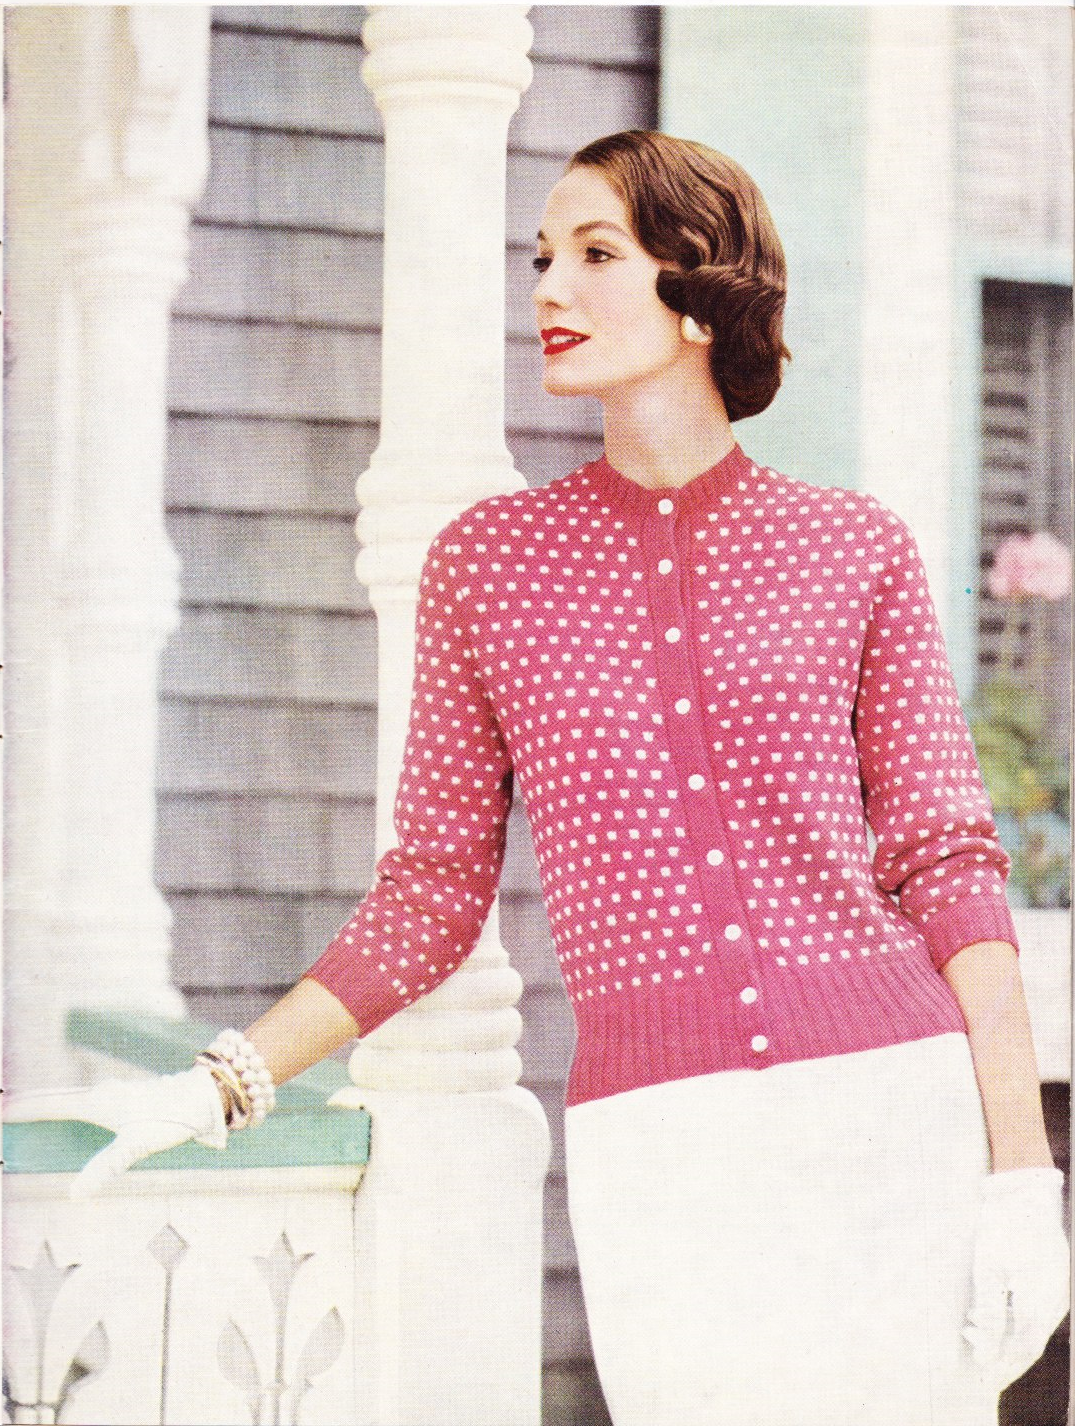 Vogue Knitting 1950\'s - vilken härlig rosa färg. Underbar bild ...